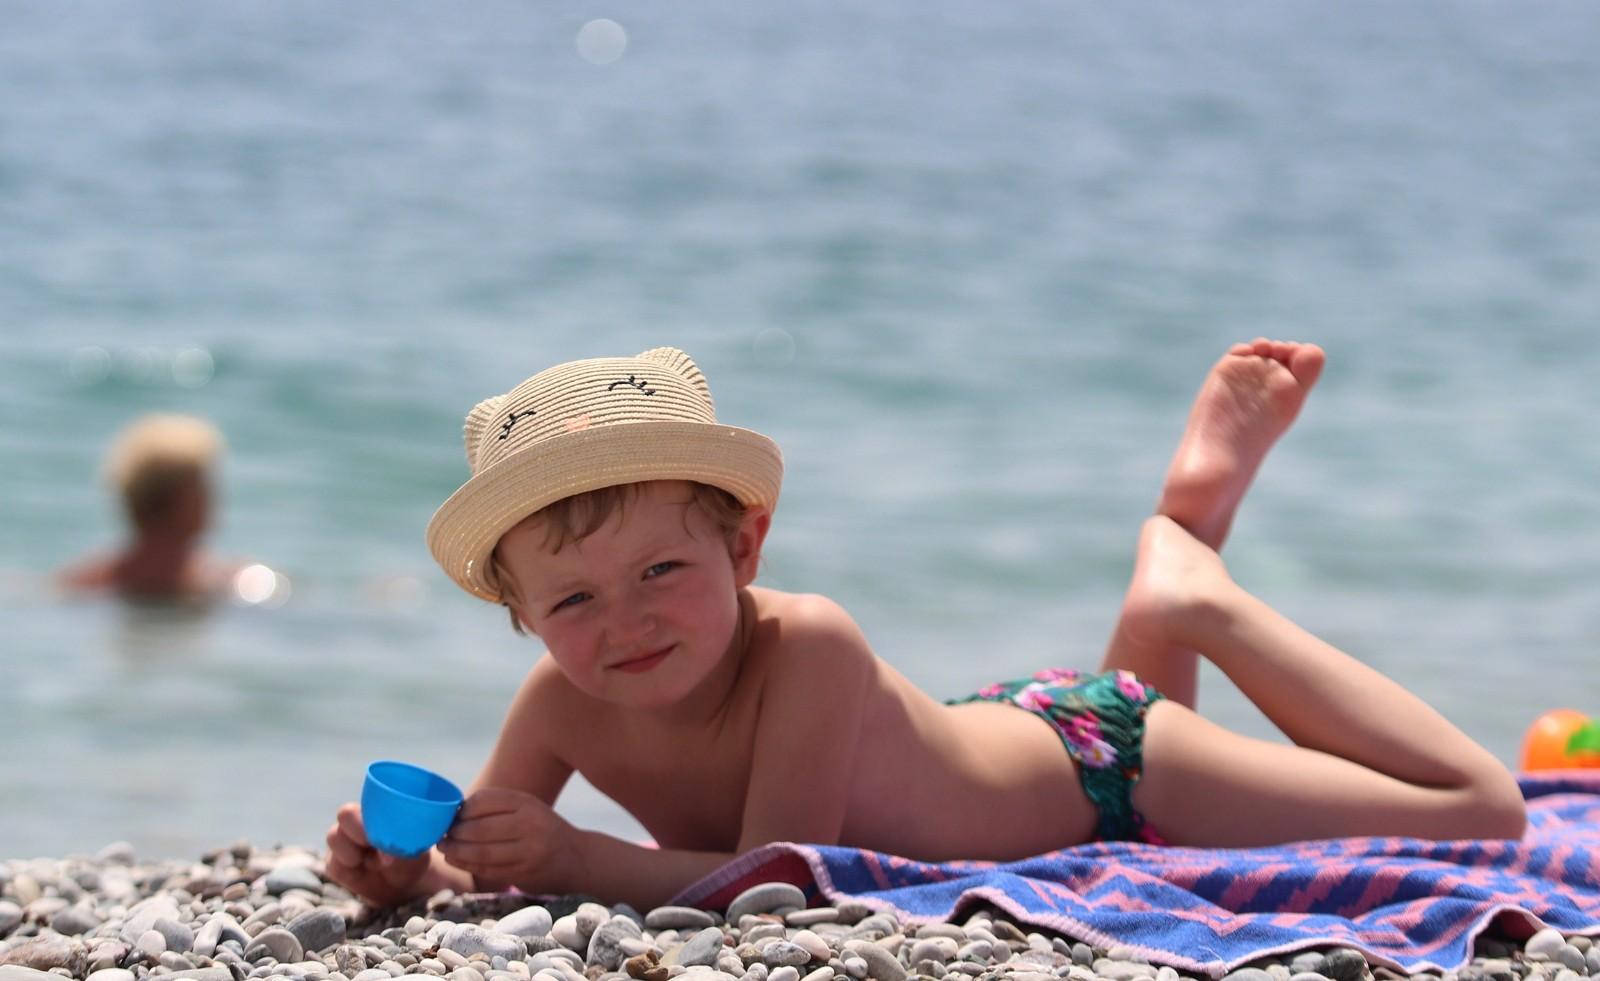 Turizm kenti Antalya'daki bazı termometreler 35 dereceyi gösterdi